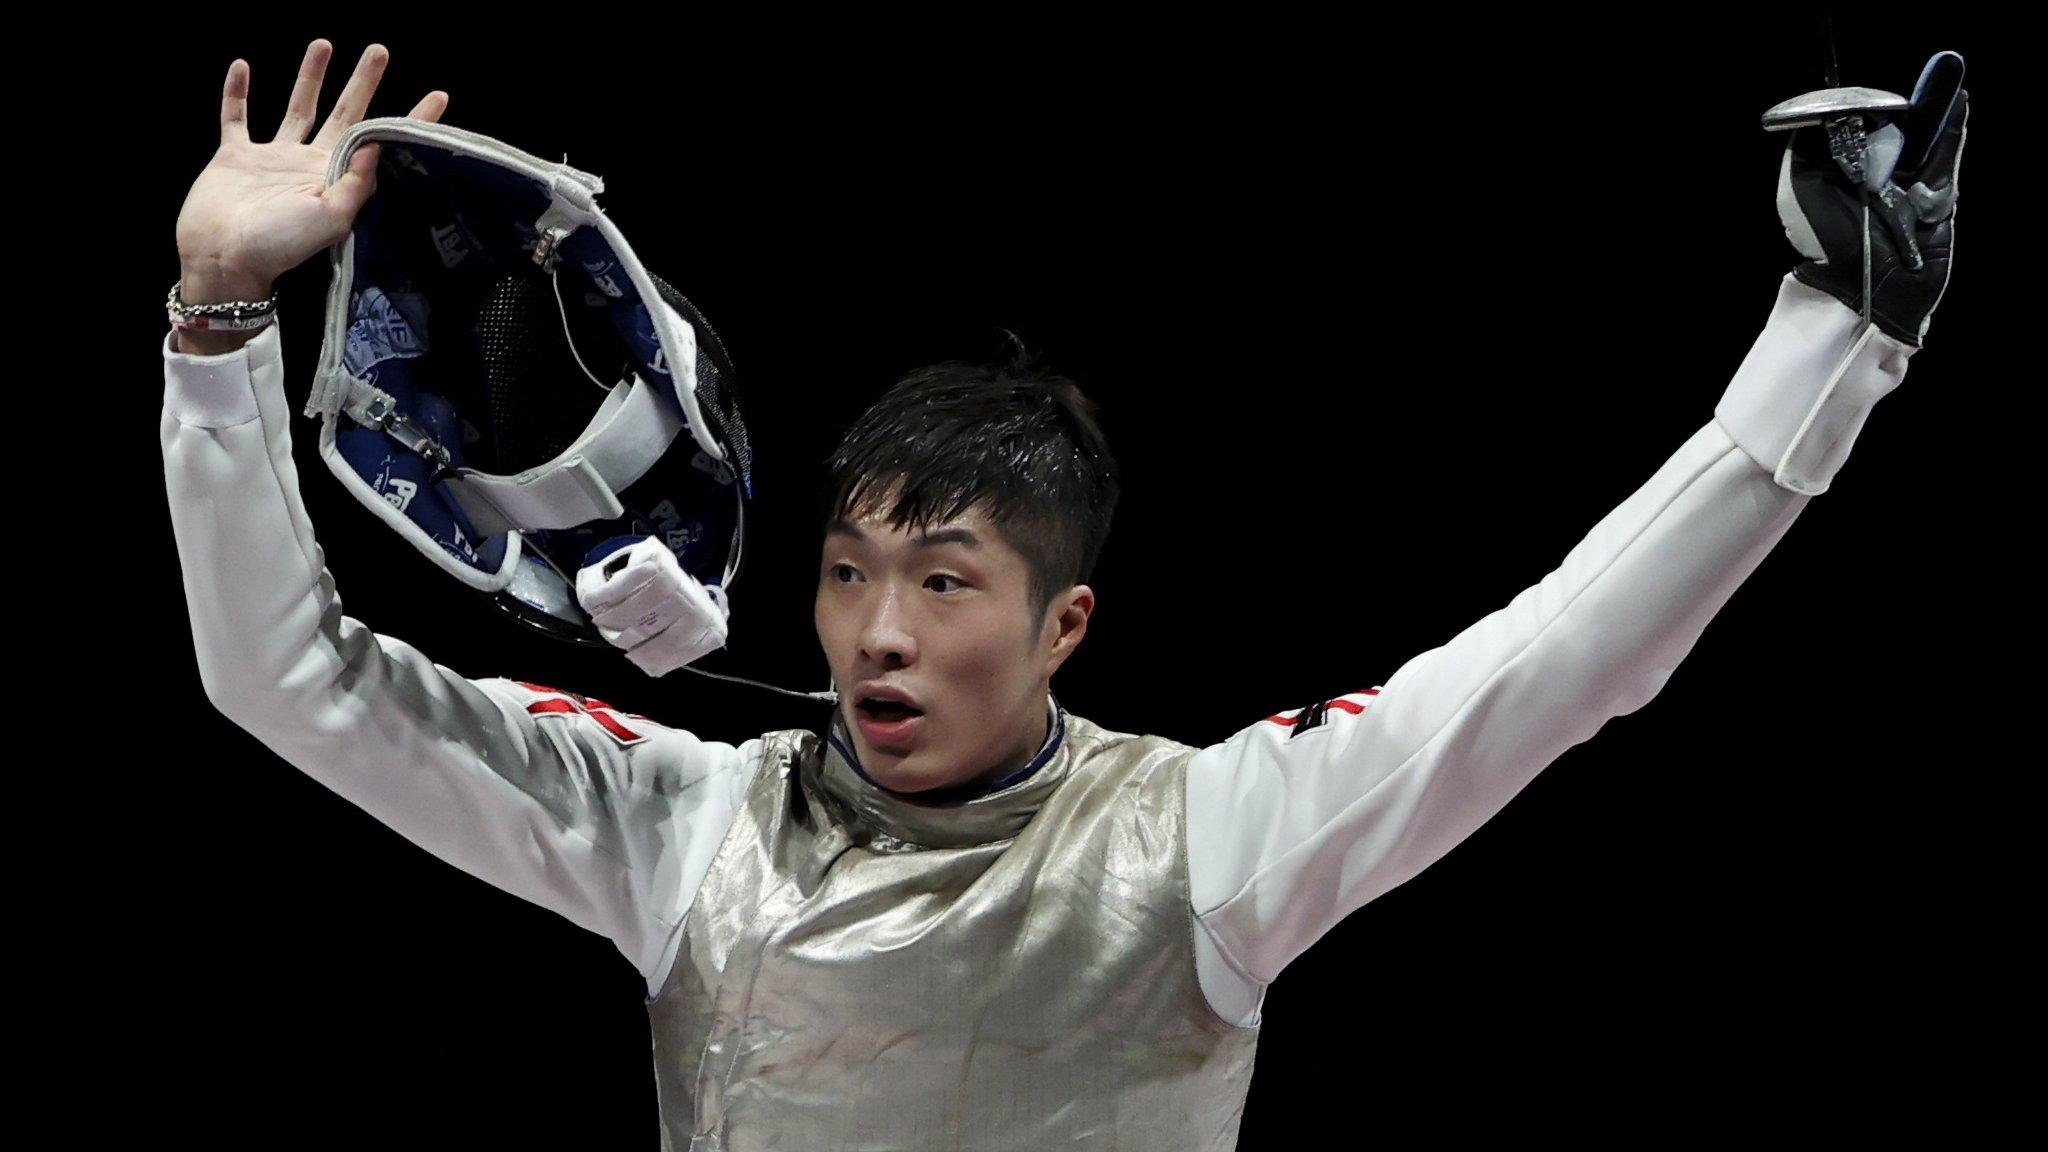 東京奧運:香港贏得久違金牌 張家朗獲得男子花劍冠軍